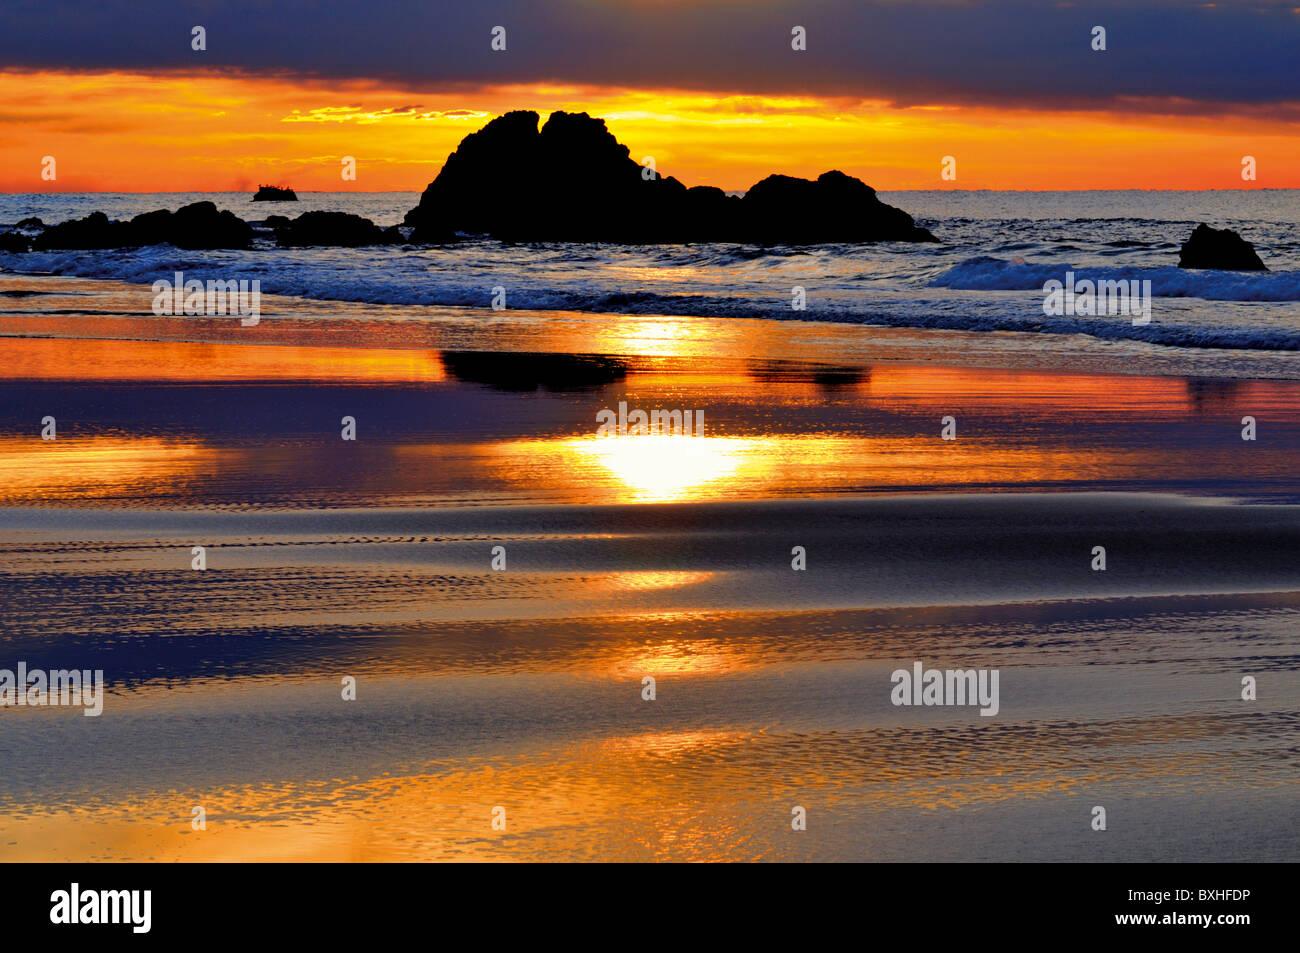 Il Portogallo, Algarve: il tramonto su una spiaggia del parco naturale Costa Vicentina Immagini Stock